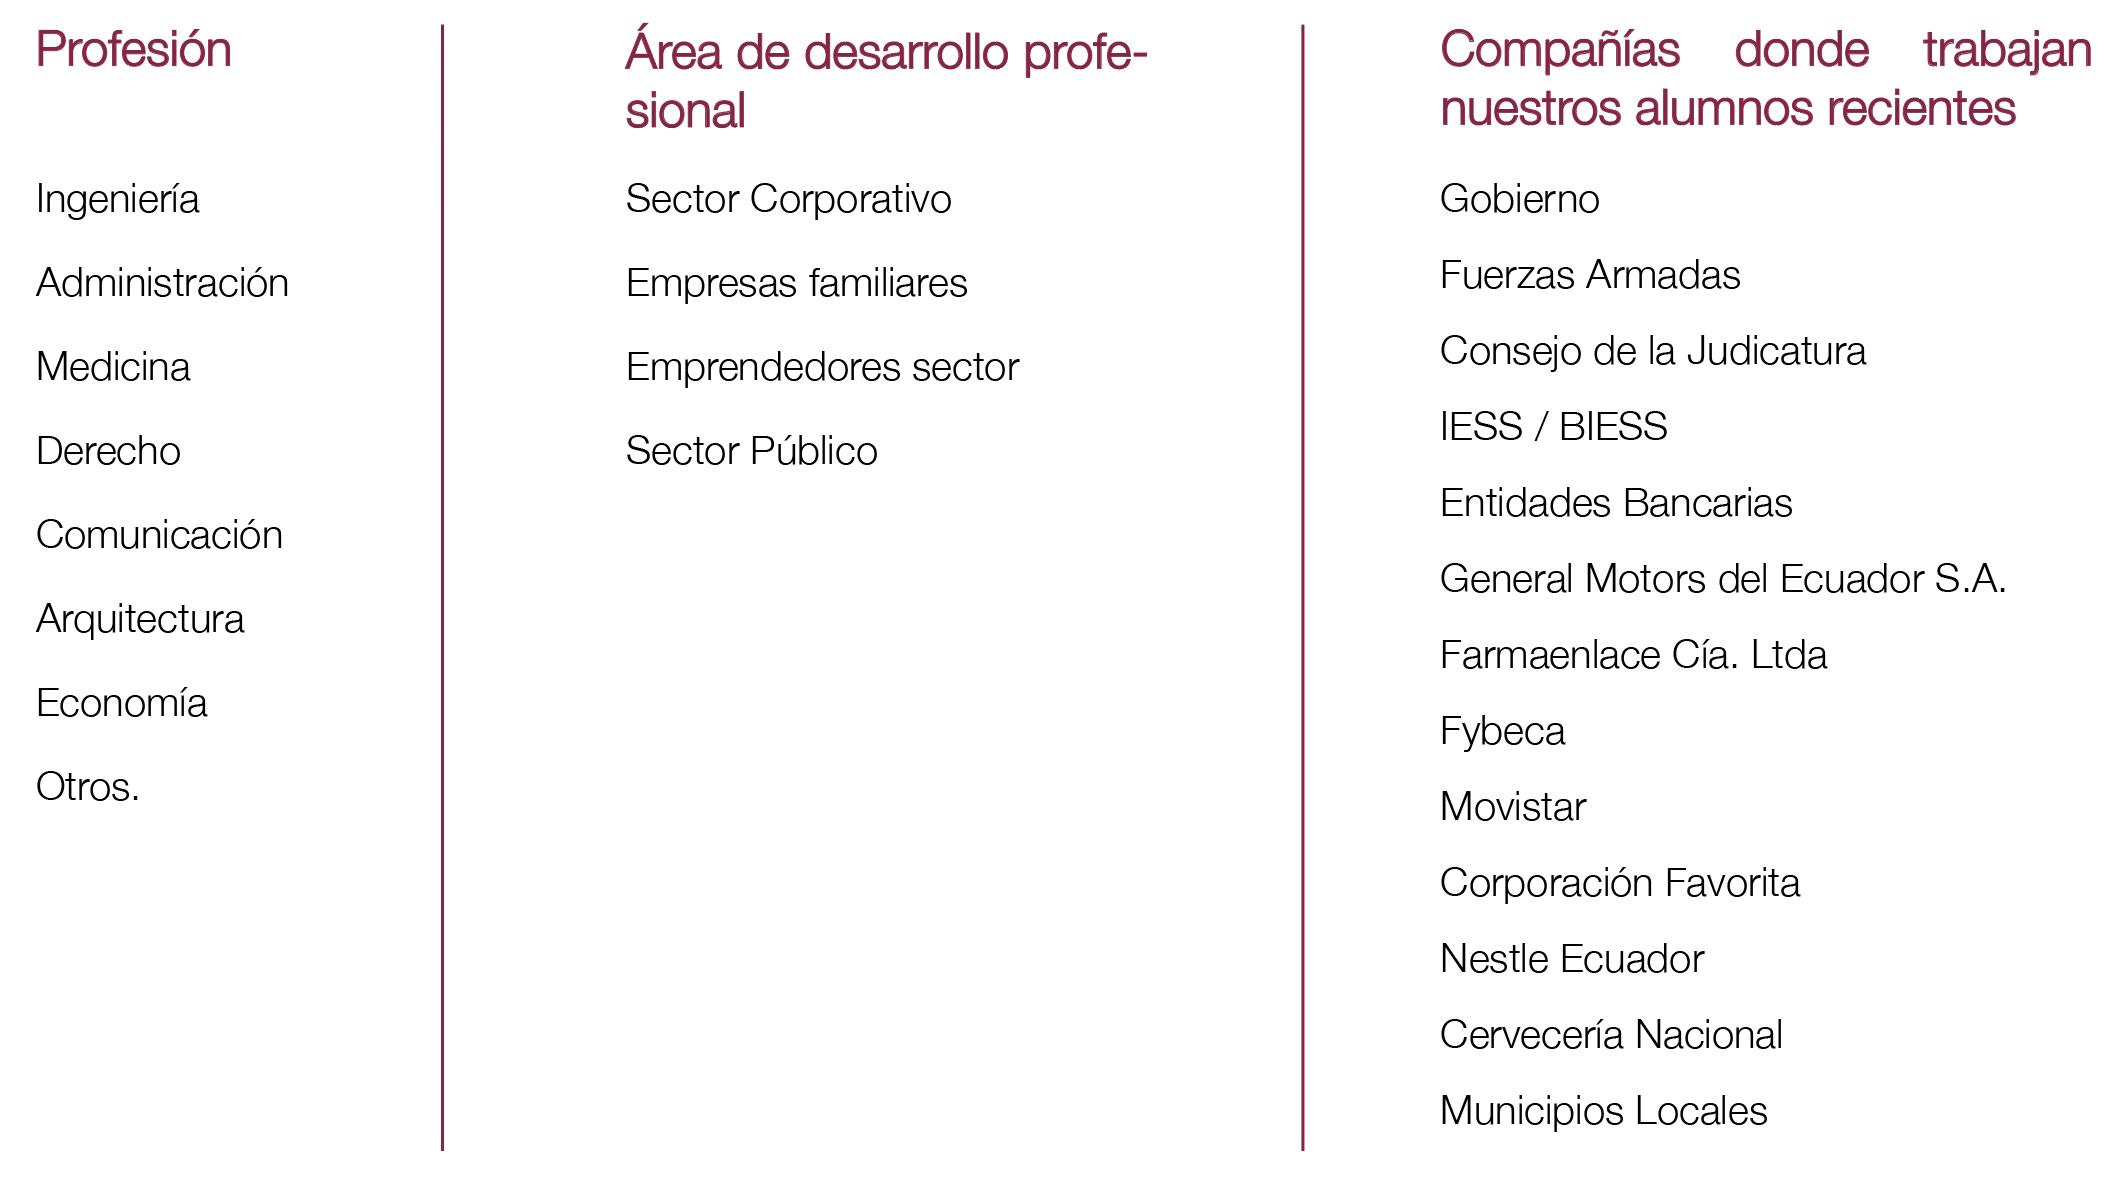 Profesion - Empresas.png